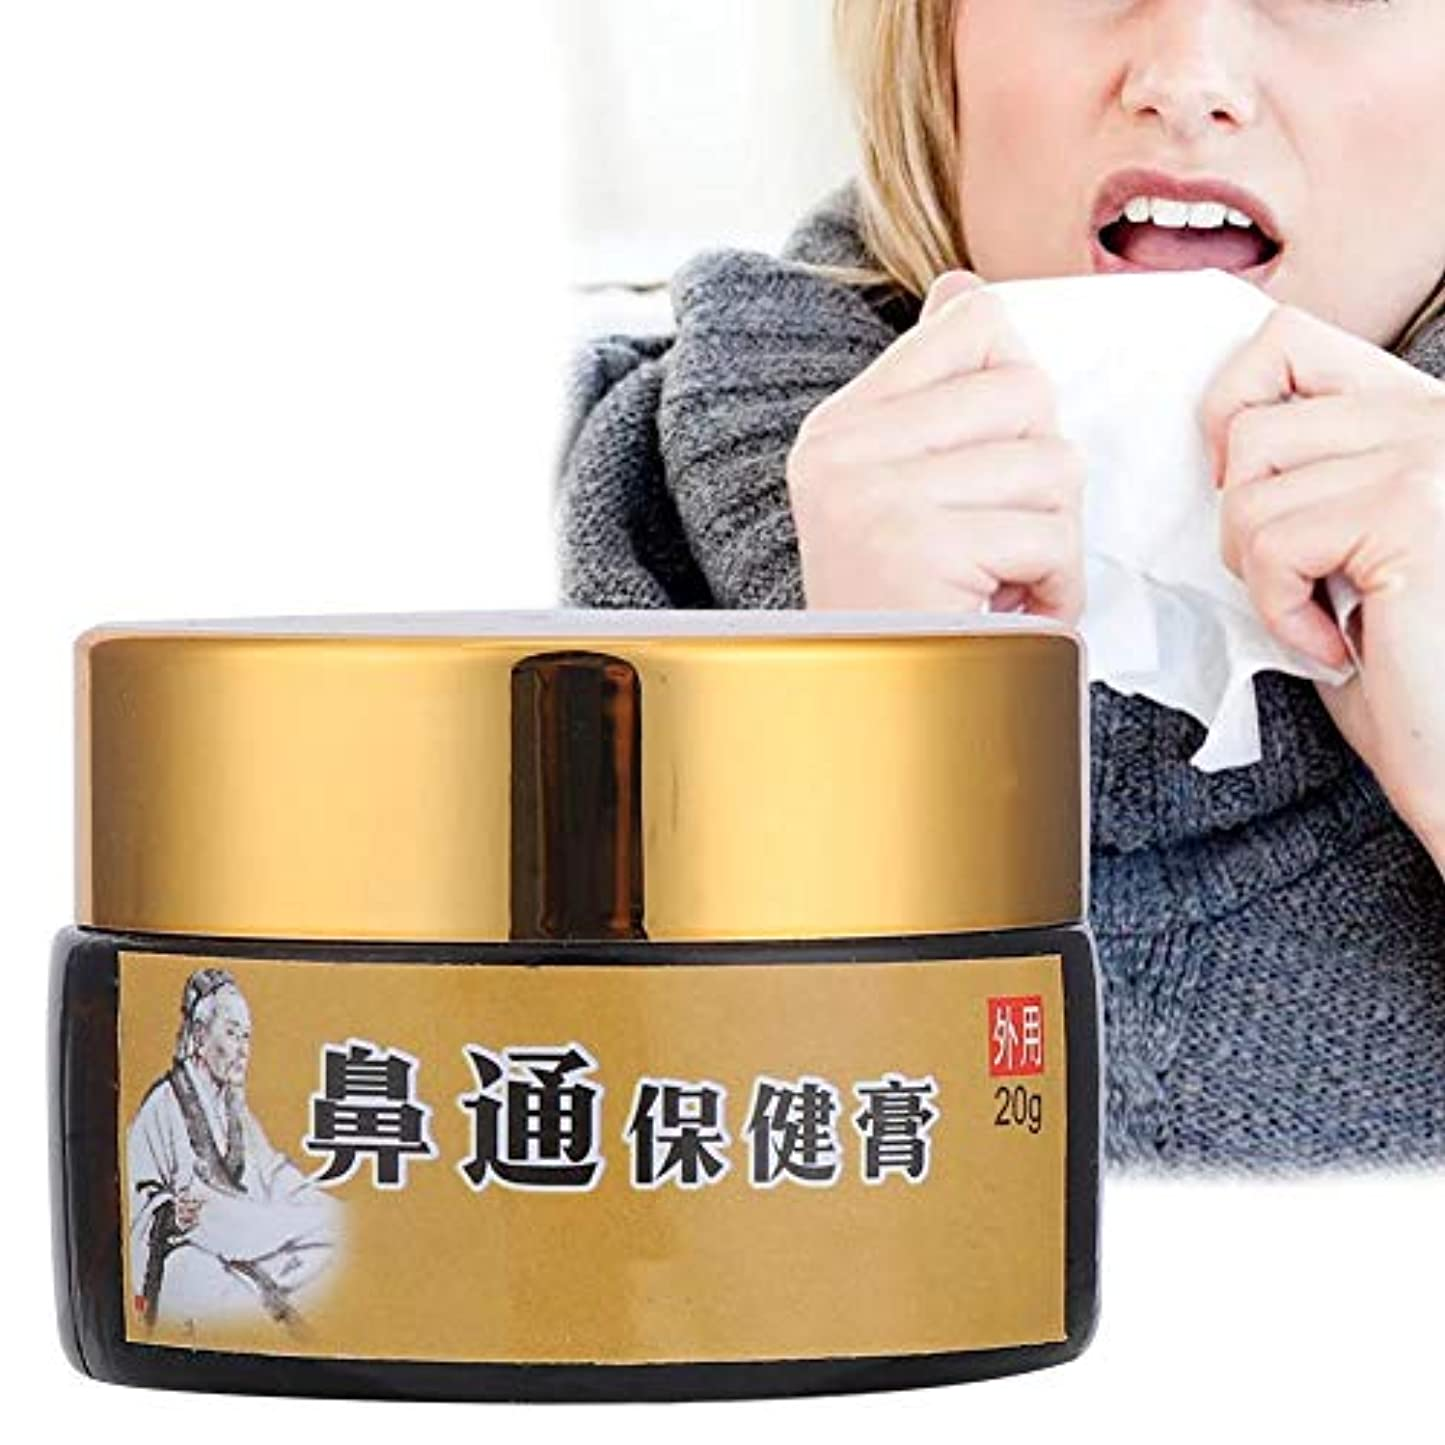 道徳みがきます炭水化物鼻炎副鼻腔炎鼻クリーム、20g鼻詰まりジェルかゆみくしゃみ鼻詰まりクリーム